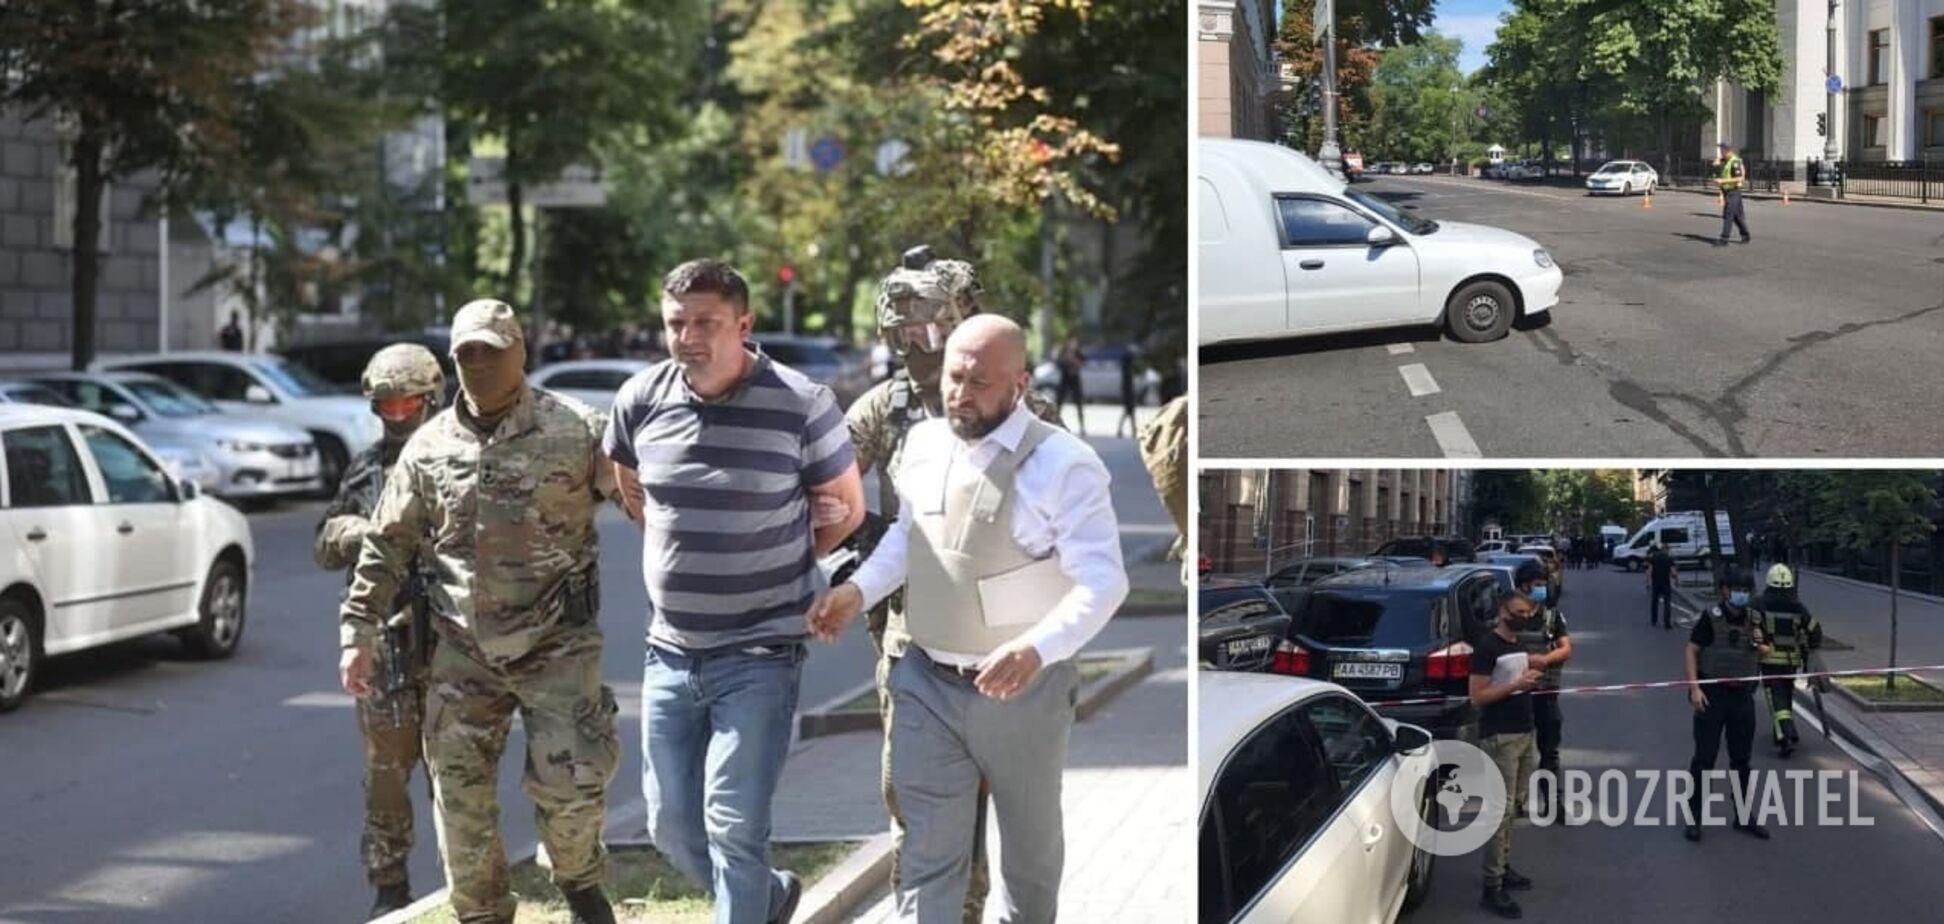 До Кабміну увірвався чоловік з гранатою і погрожував влаштувати вибух: його затримали. Фото, відео та всі подробиці